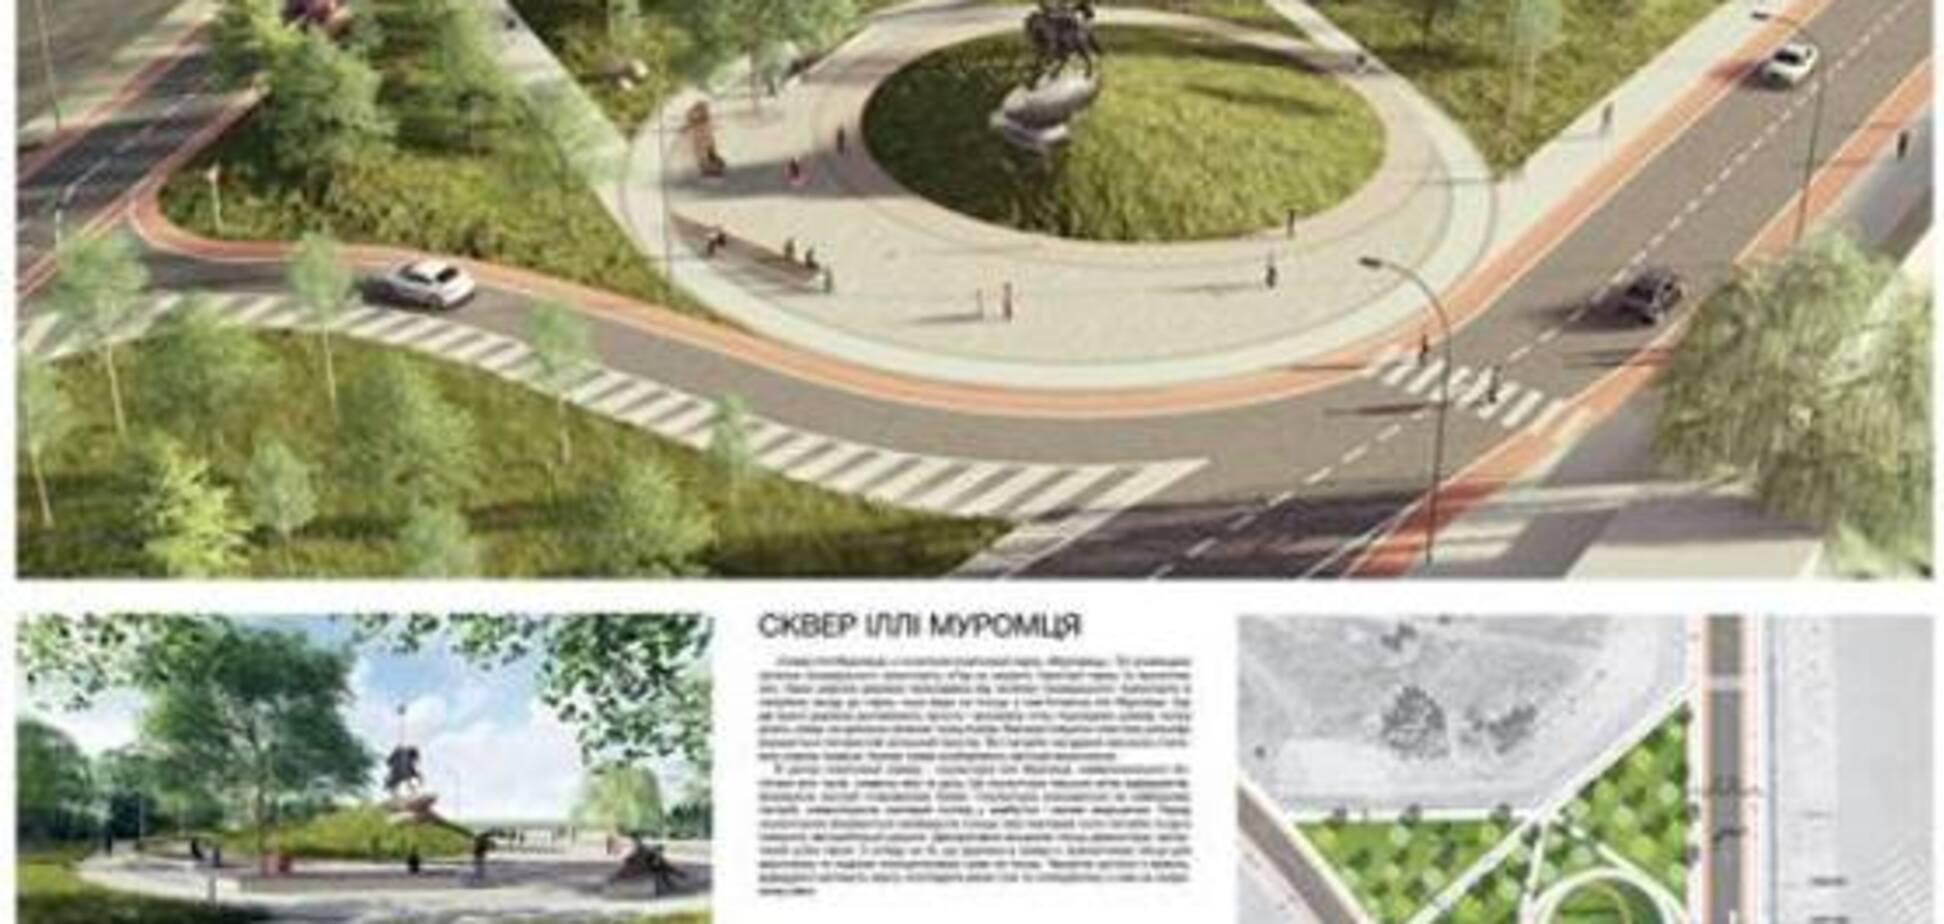 Аллея воспоминаний и велодорожки: каким будет парк 'Муромец'